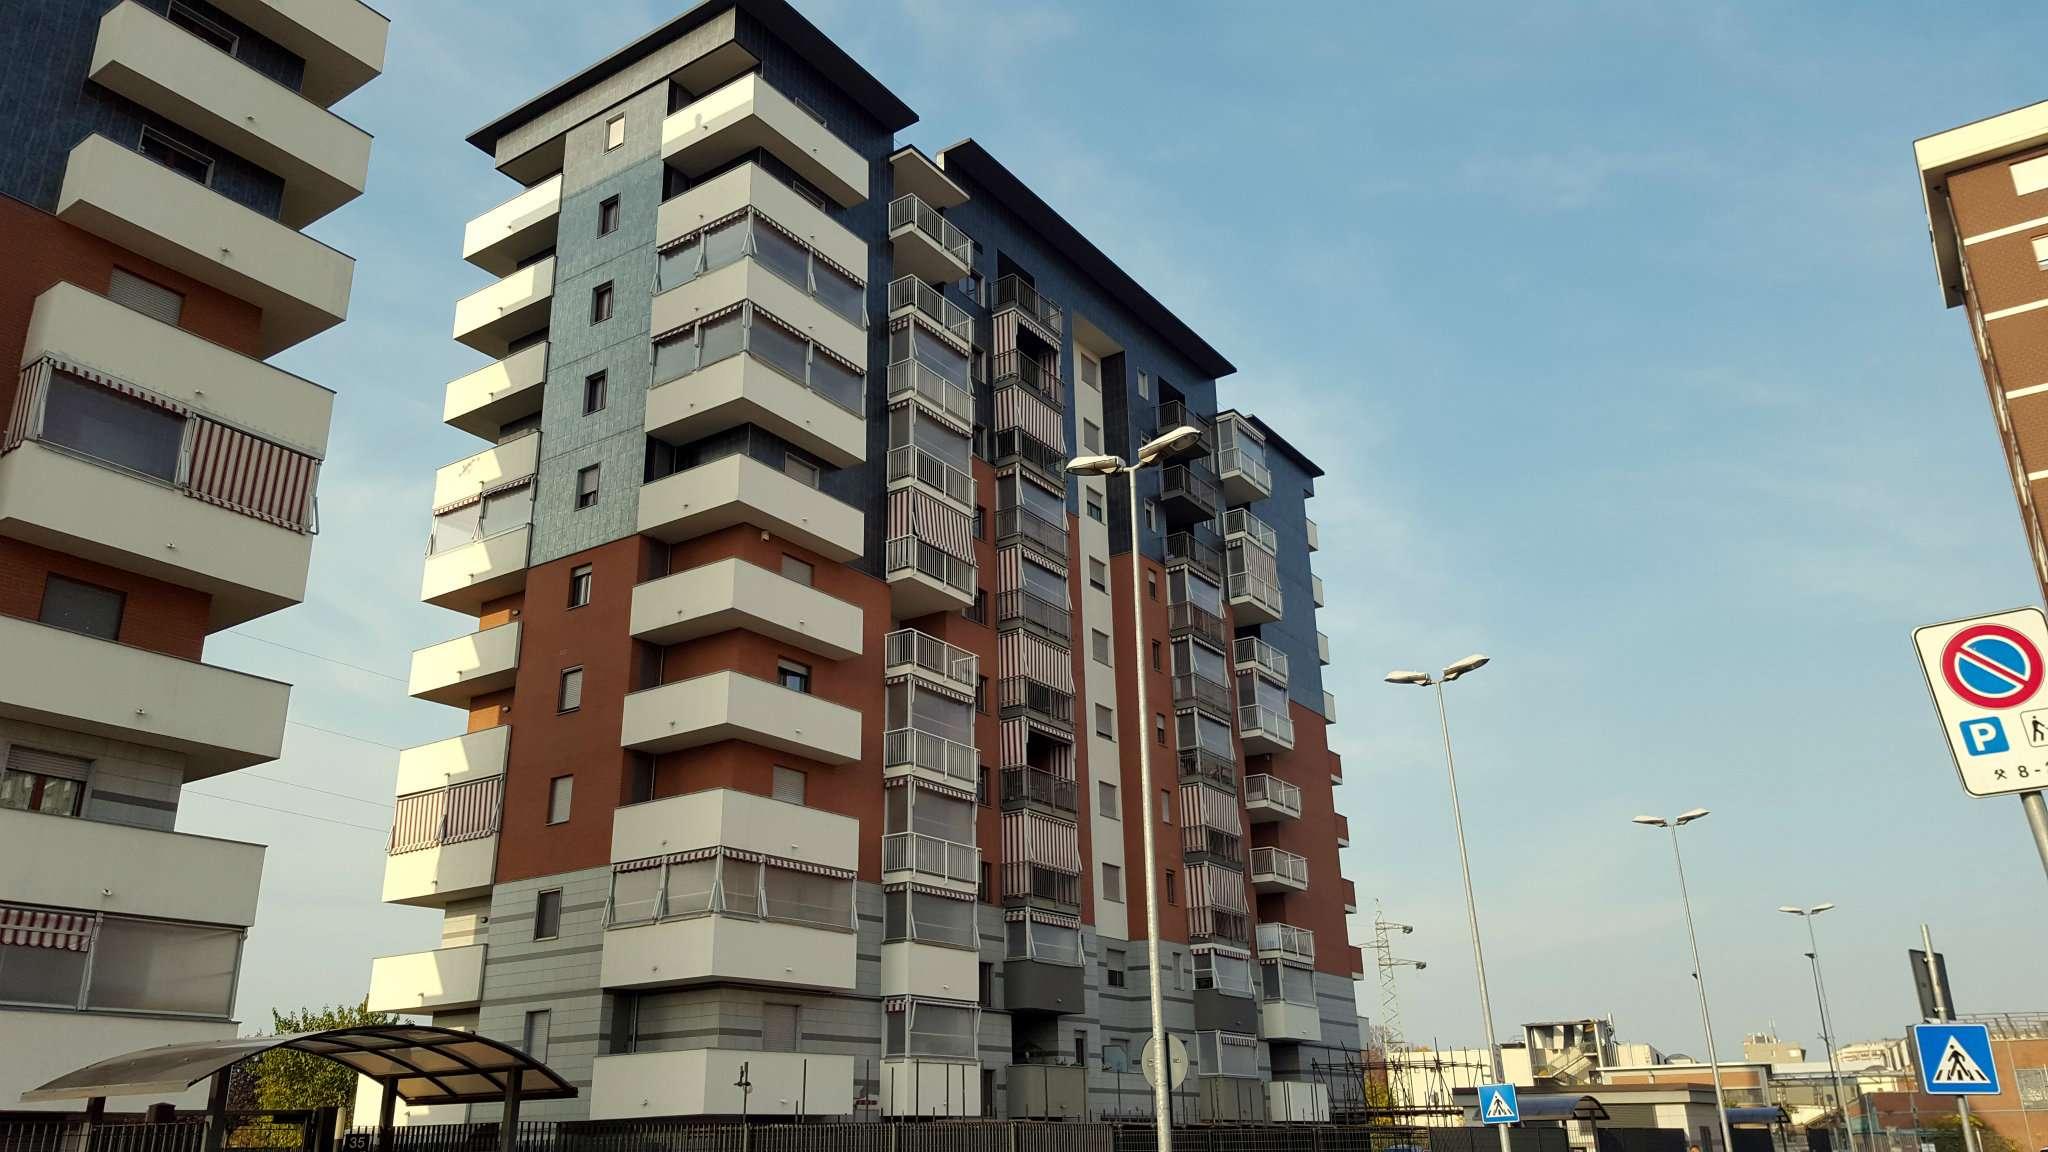 Immagine immobiliare Mirafiori - Strada del Portone, in vendita. In stabile di recente costruzione, appartamento al 6° piano composto da ingresso living su ampio soggiorno, cucina abitabile, 2 camere da letto, bagno, 2 ampi balconi coperti e cantina....